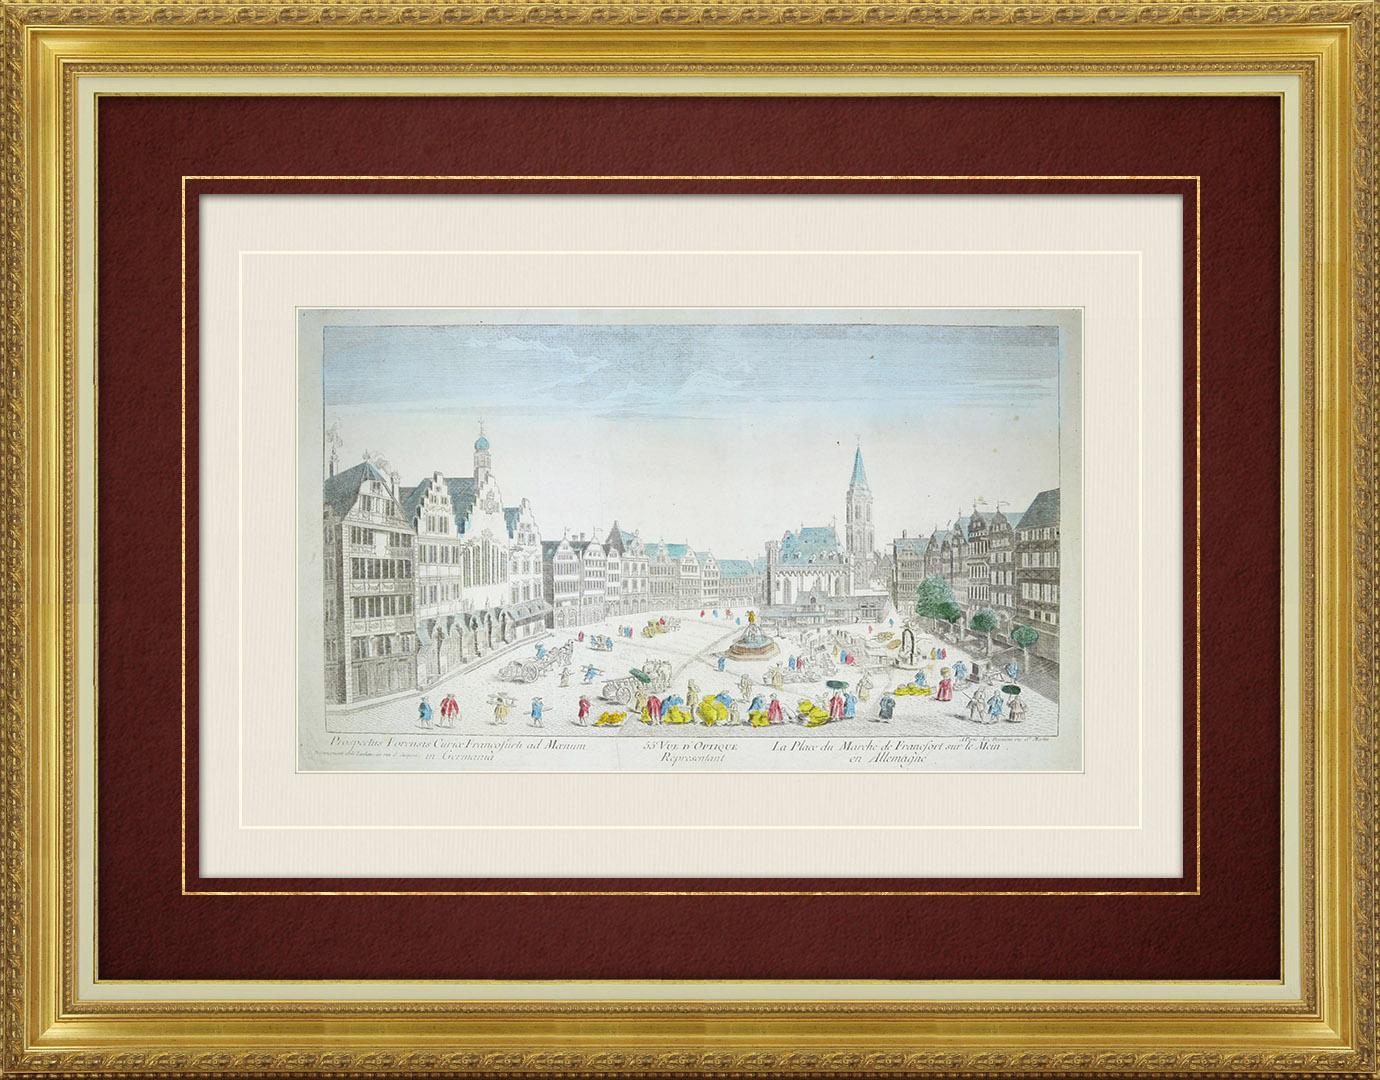 Veduta ottica del 18 secolo a colori d'epoca della Piazza del Mercato a Francoforte sul Meno (Germania)